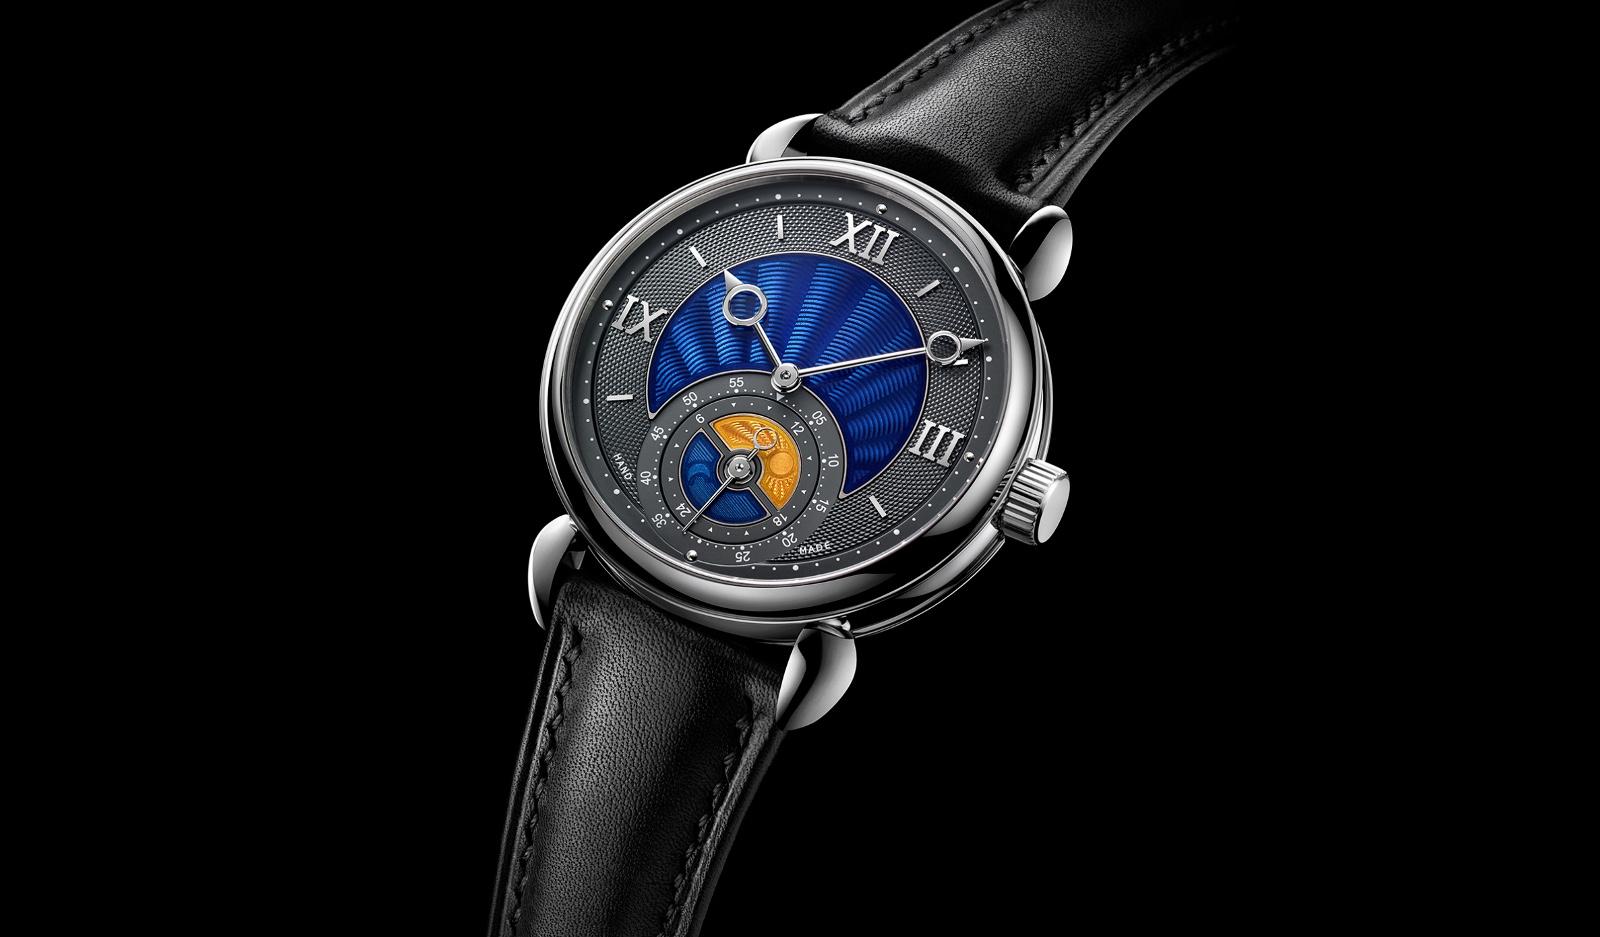 Only-Watch-2015-Kari-Voutilainen-GMT-6-thumb-1600x937-26669.jpg